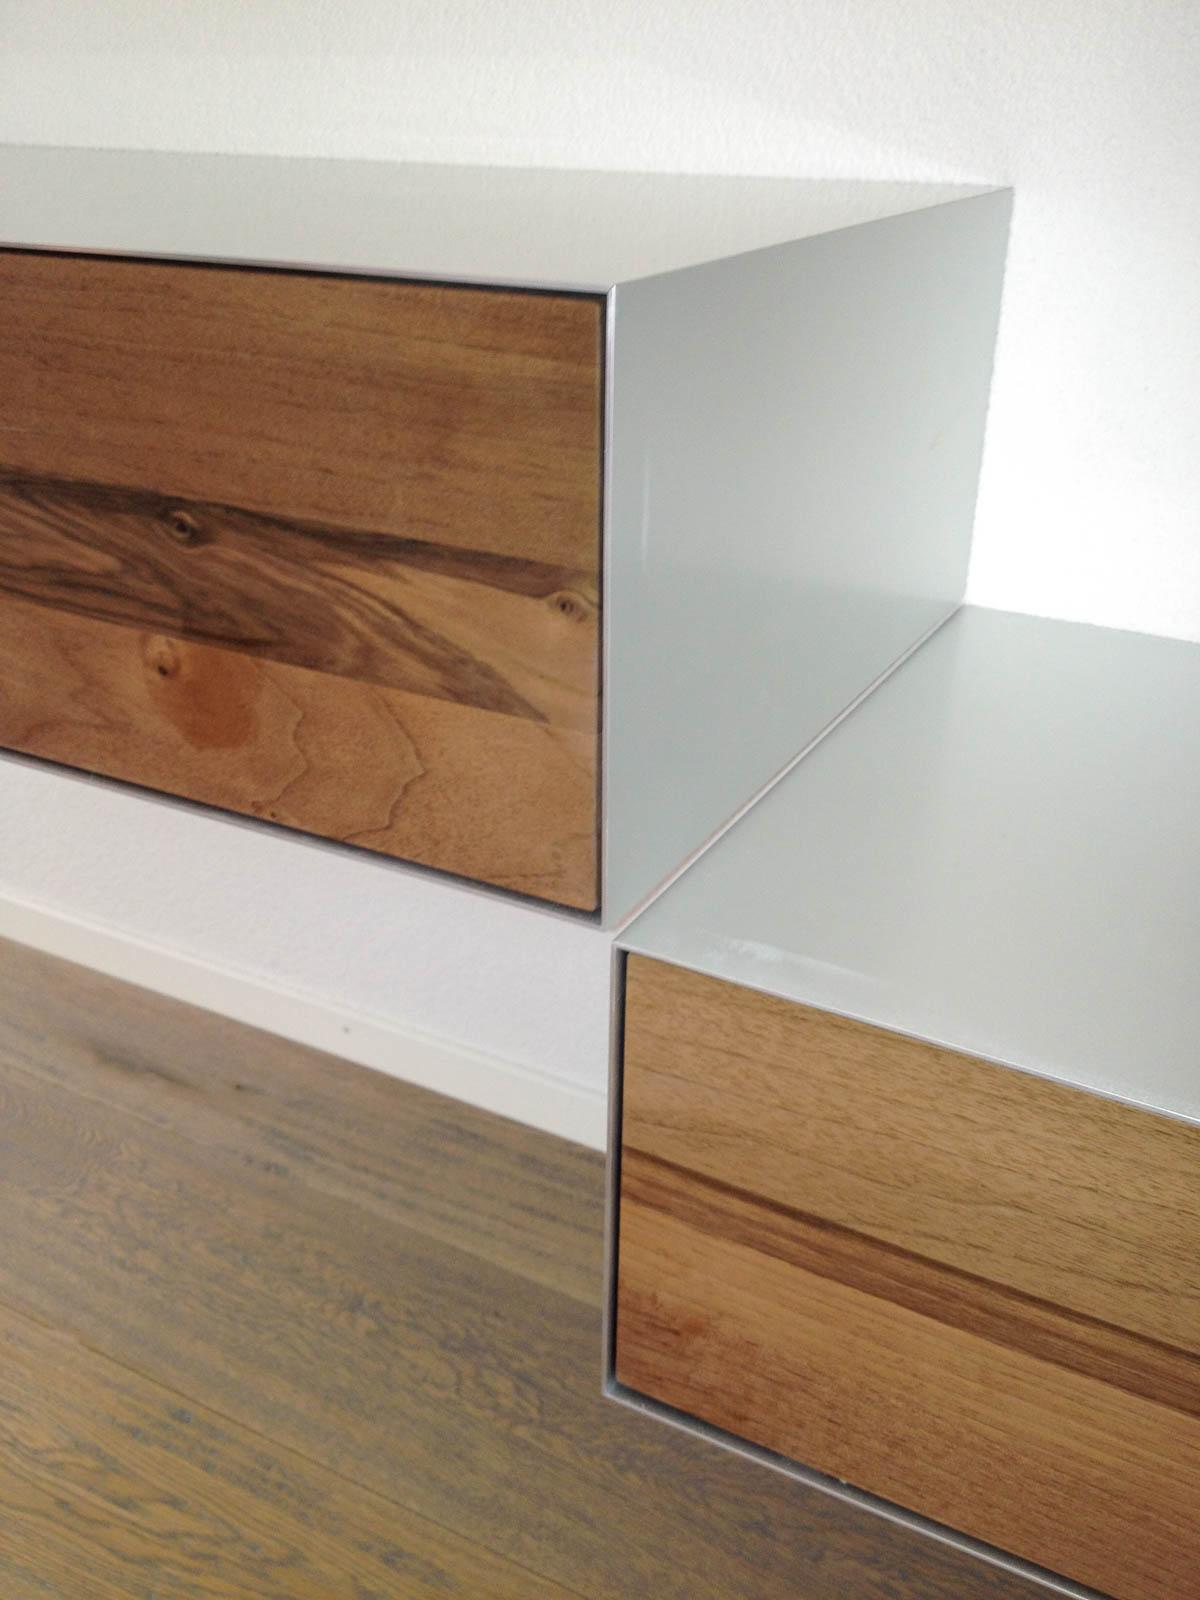 Wooddesign_Wohnzimmermöbel (128)